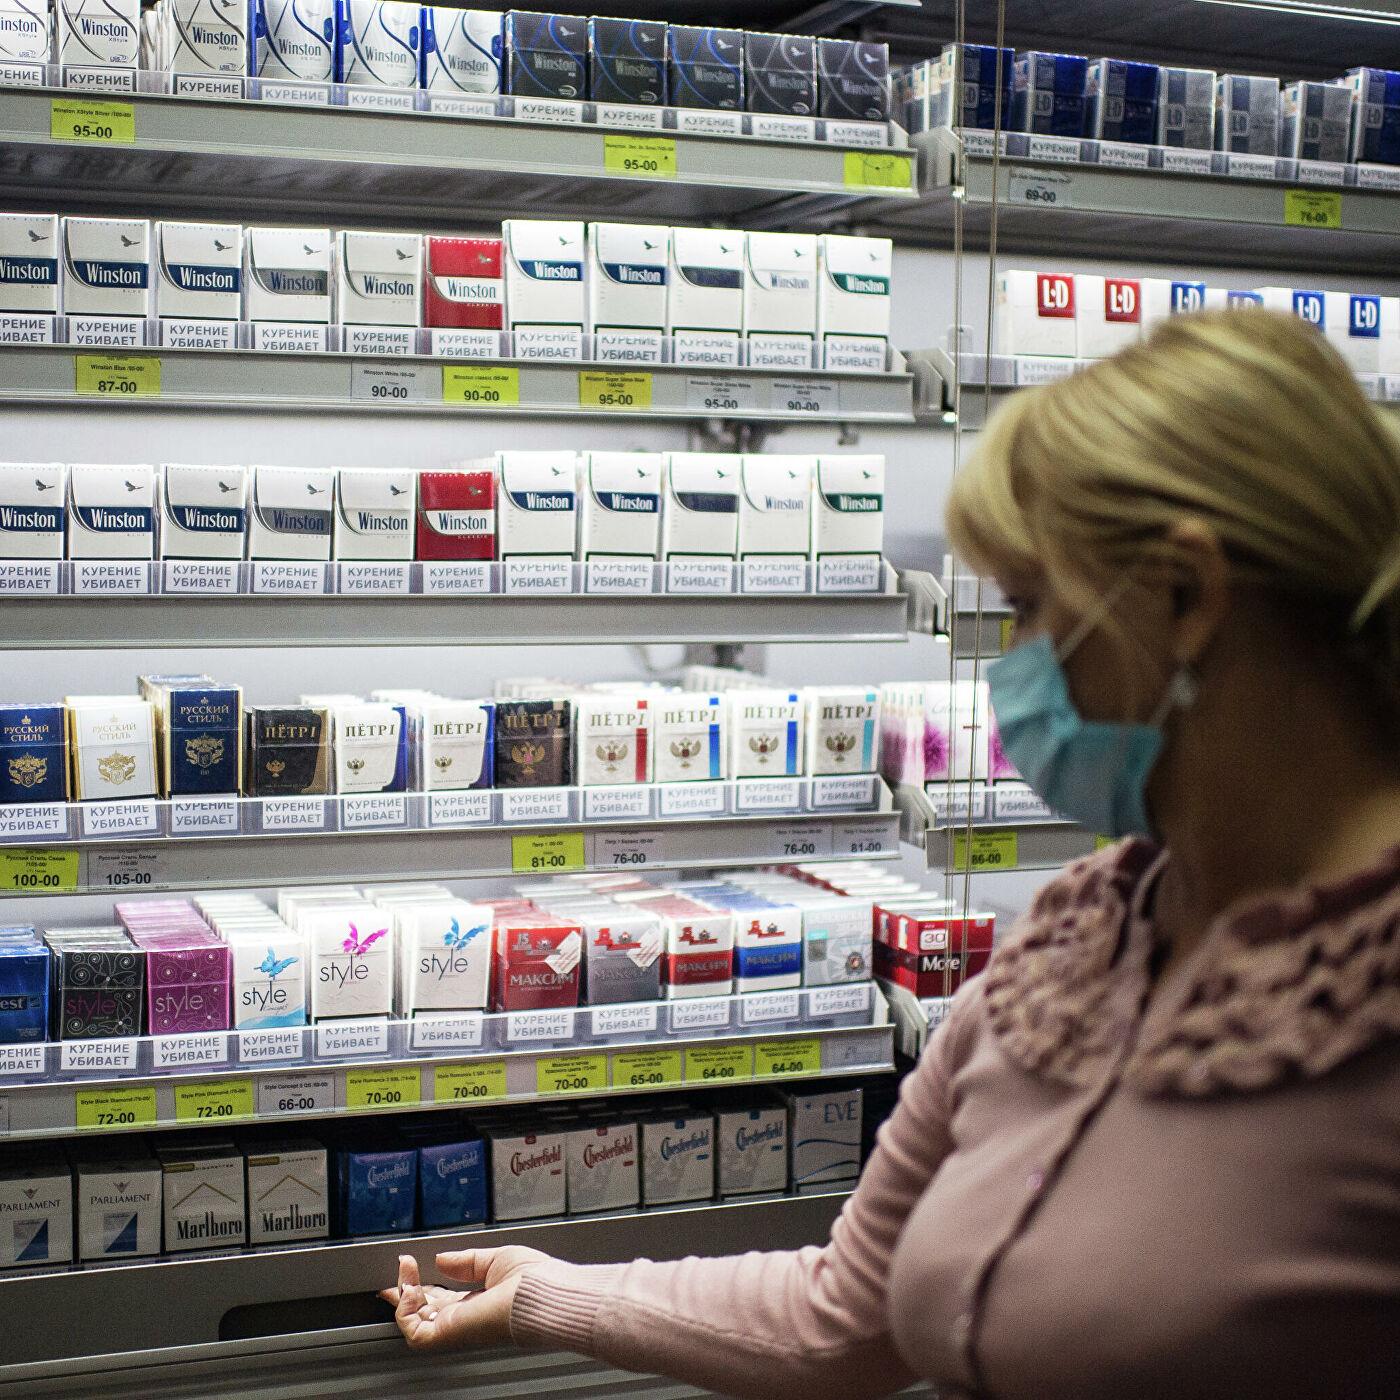 Что такое мрц при продаже табачной продукции